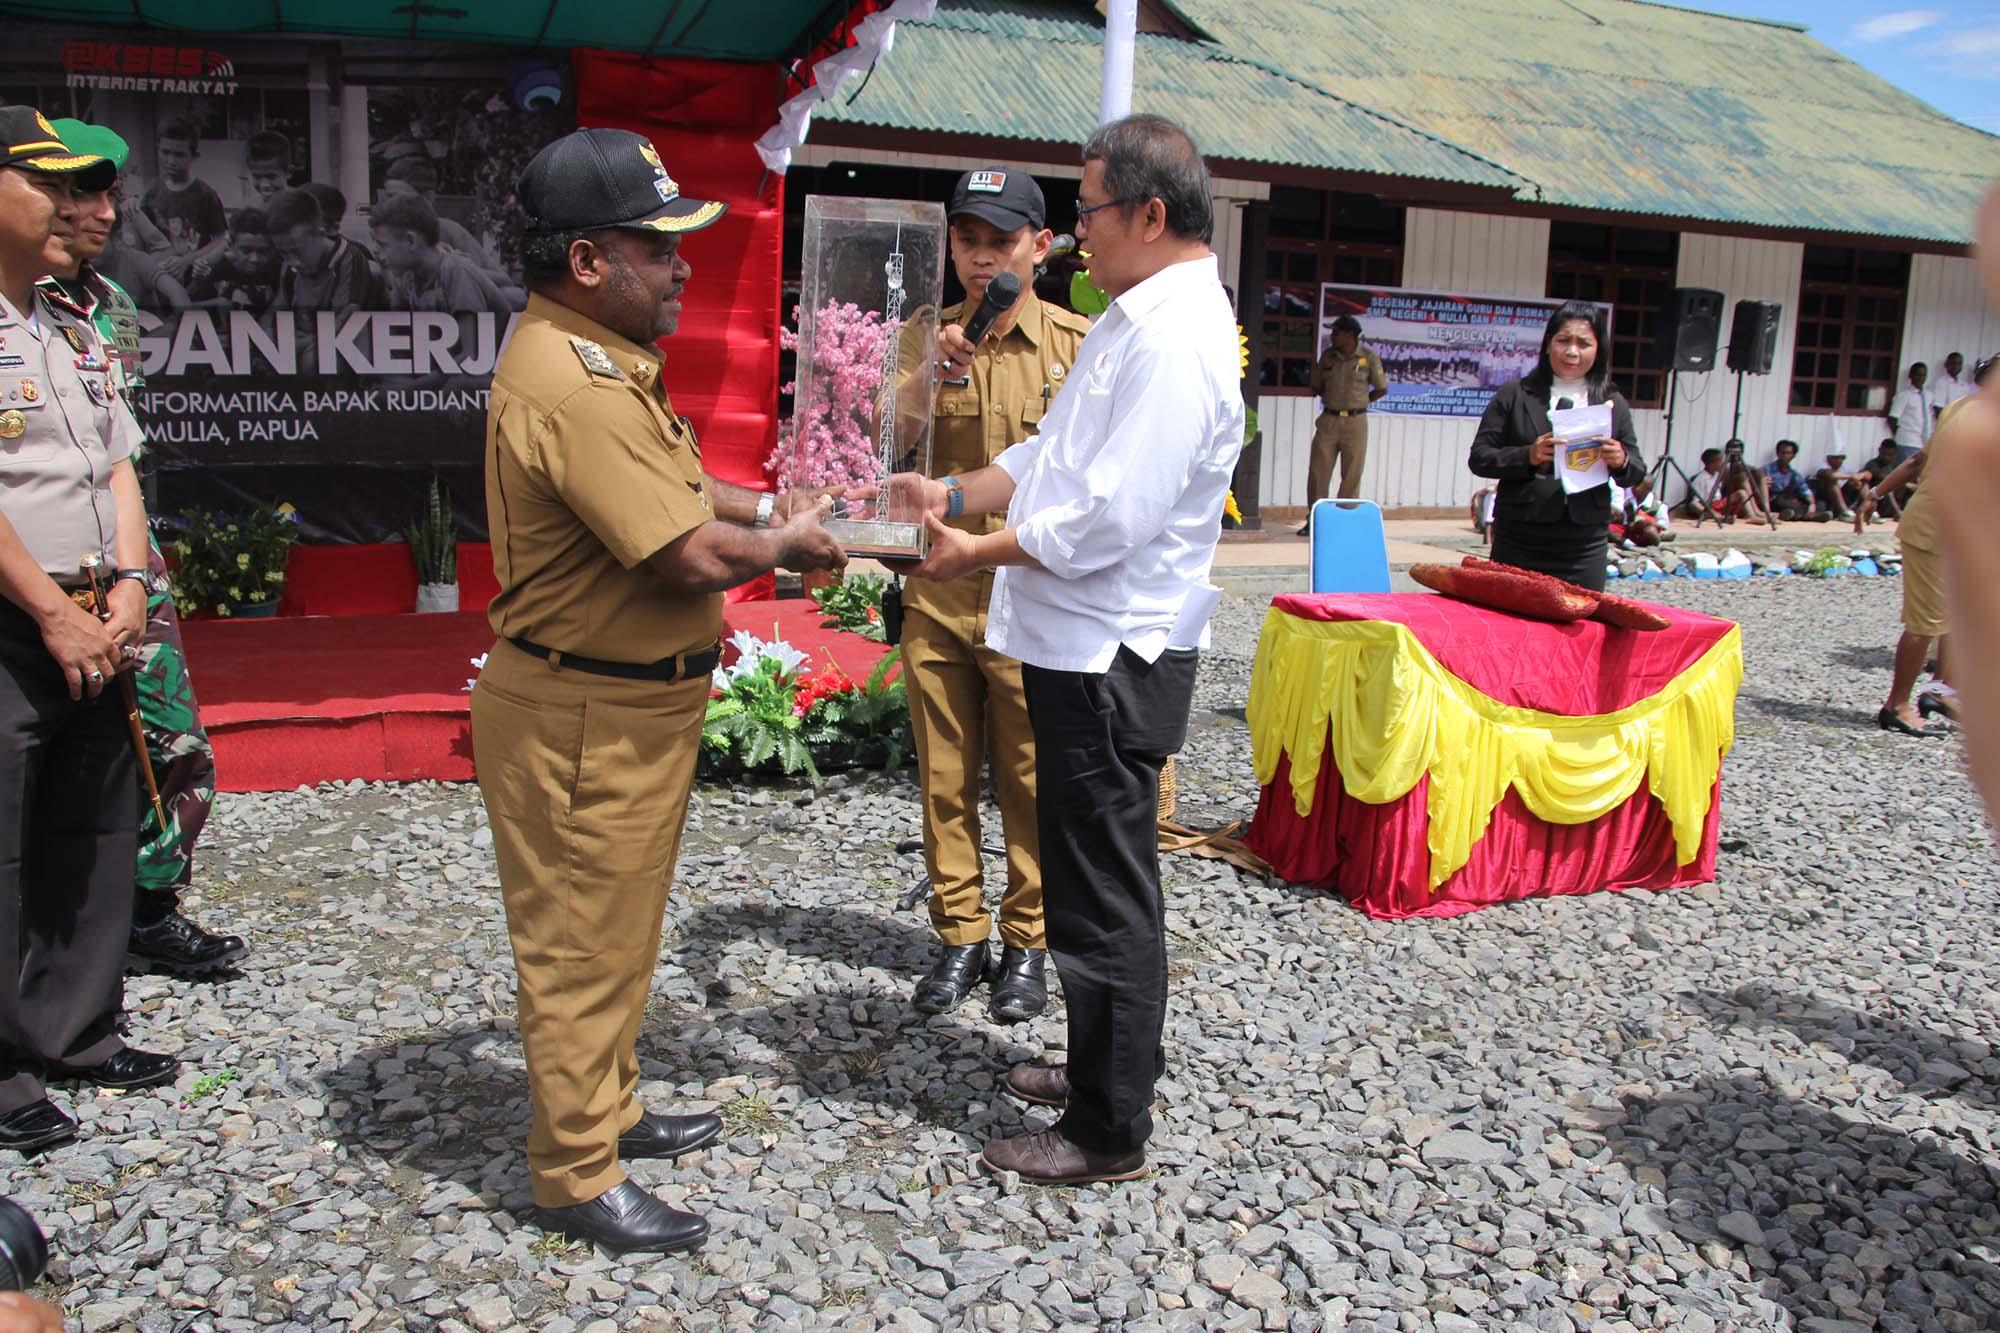 Penyerahan Miniatur BTS oleh Menteri Kominfo Bapak Rudiantara Kepada Bupati Puncak Jaya Yuni Wonda, S.Sos, S.IP, MM